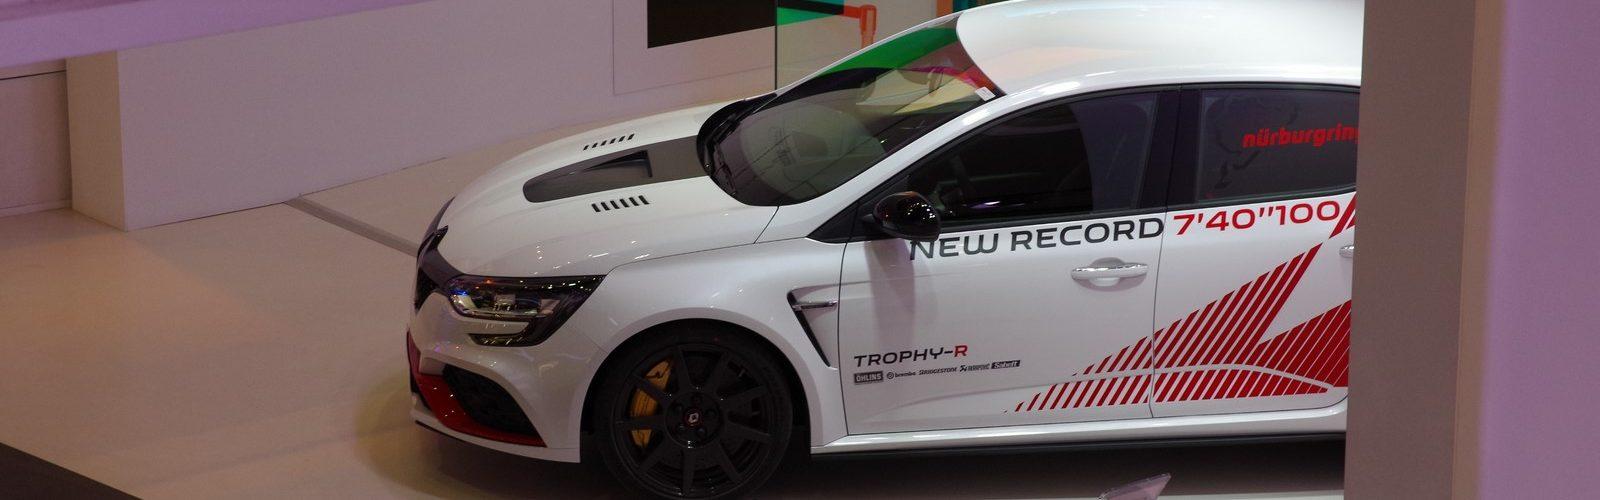 Renault Megane R.S. Trophy R LNA FM 2019 3